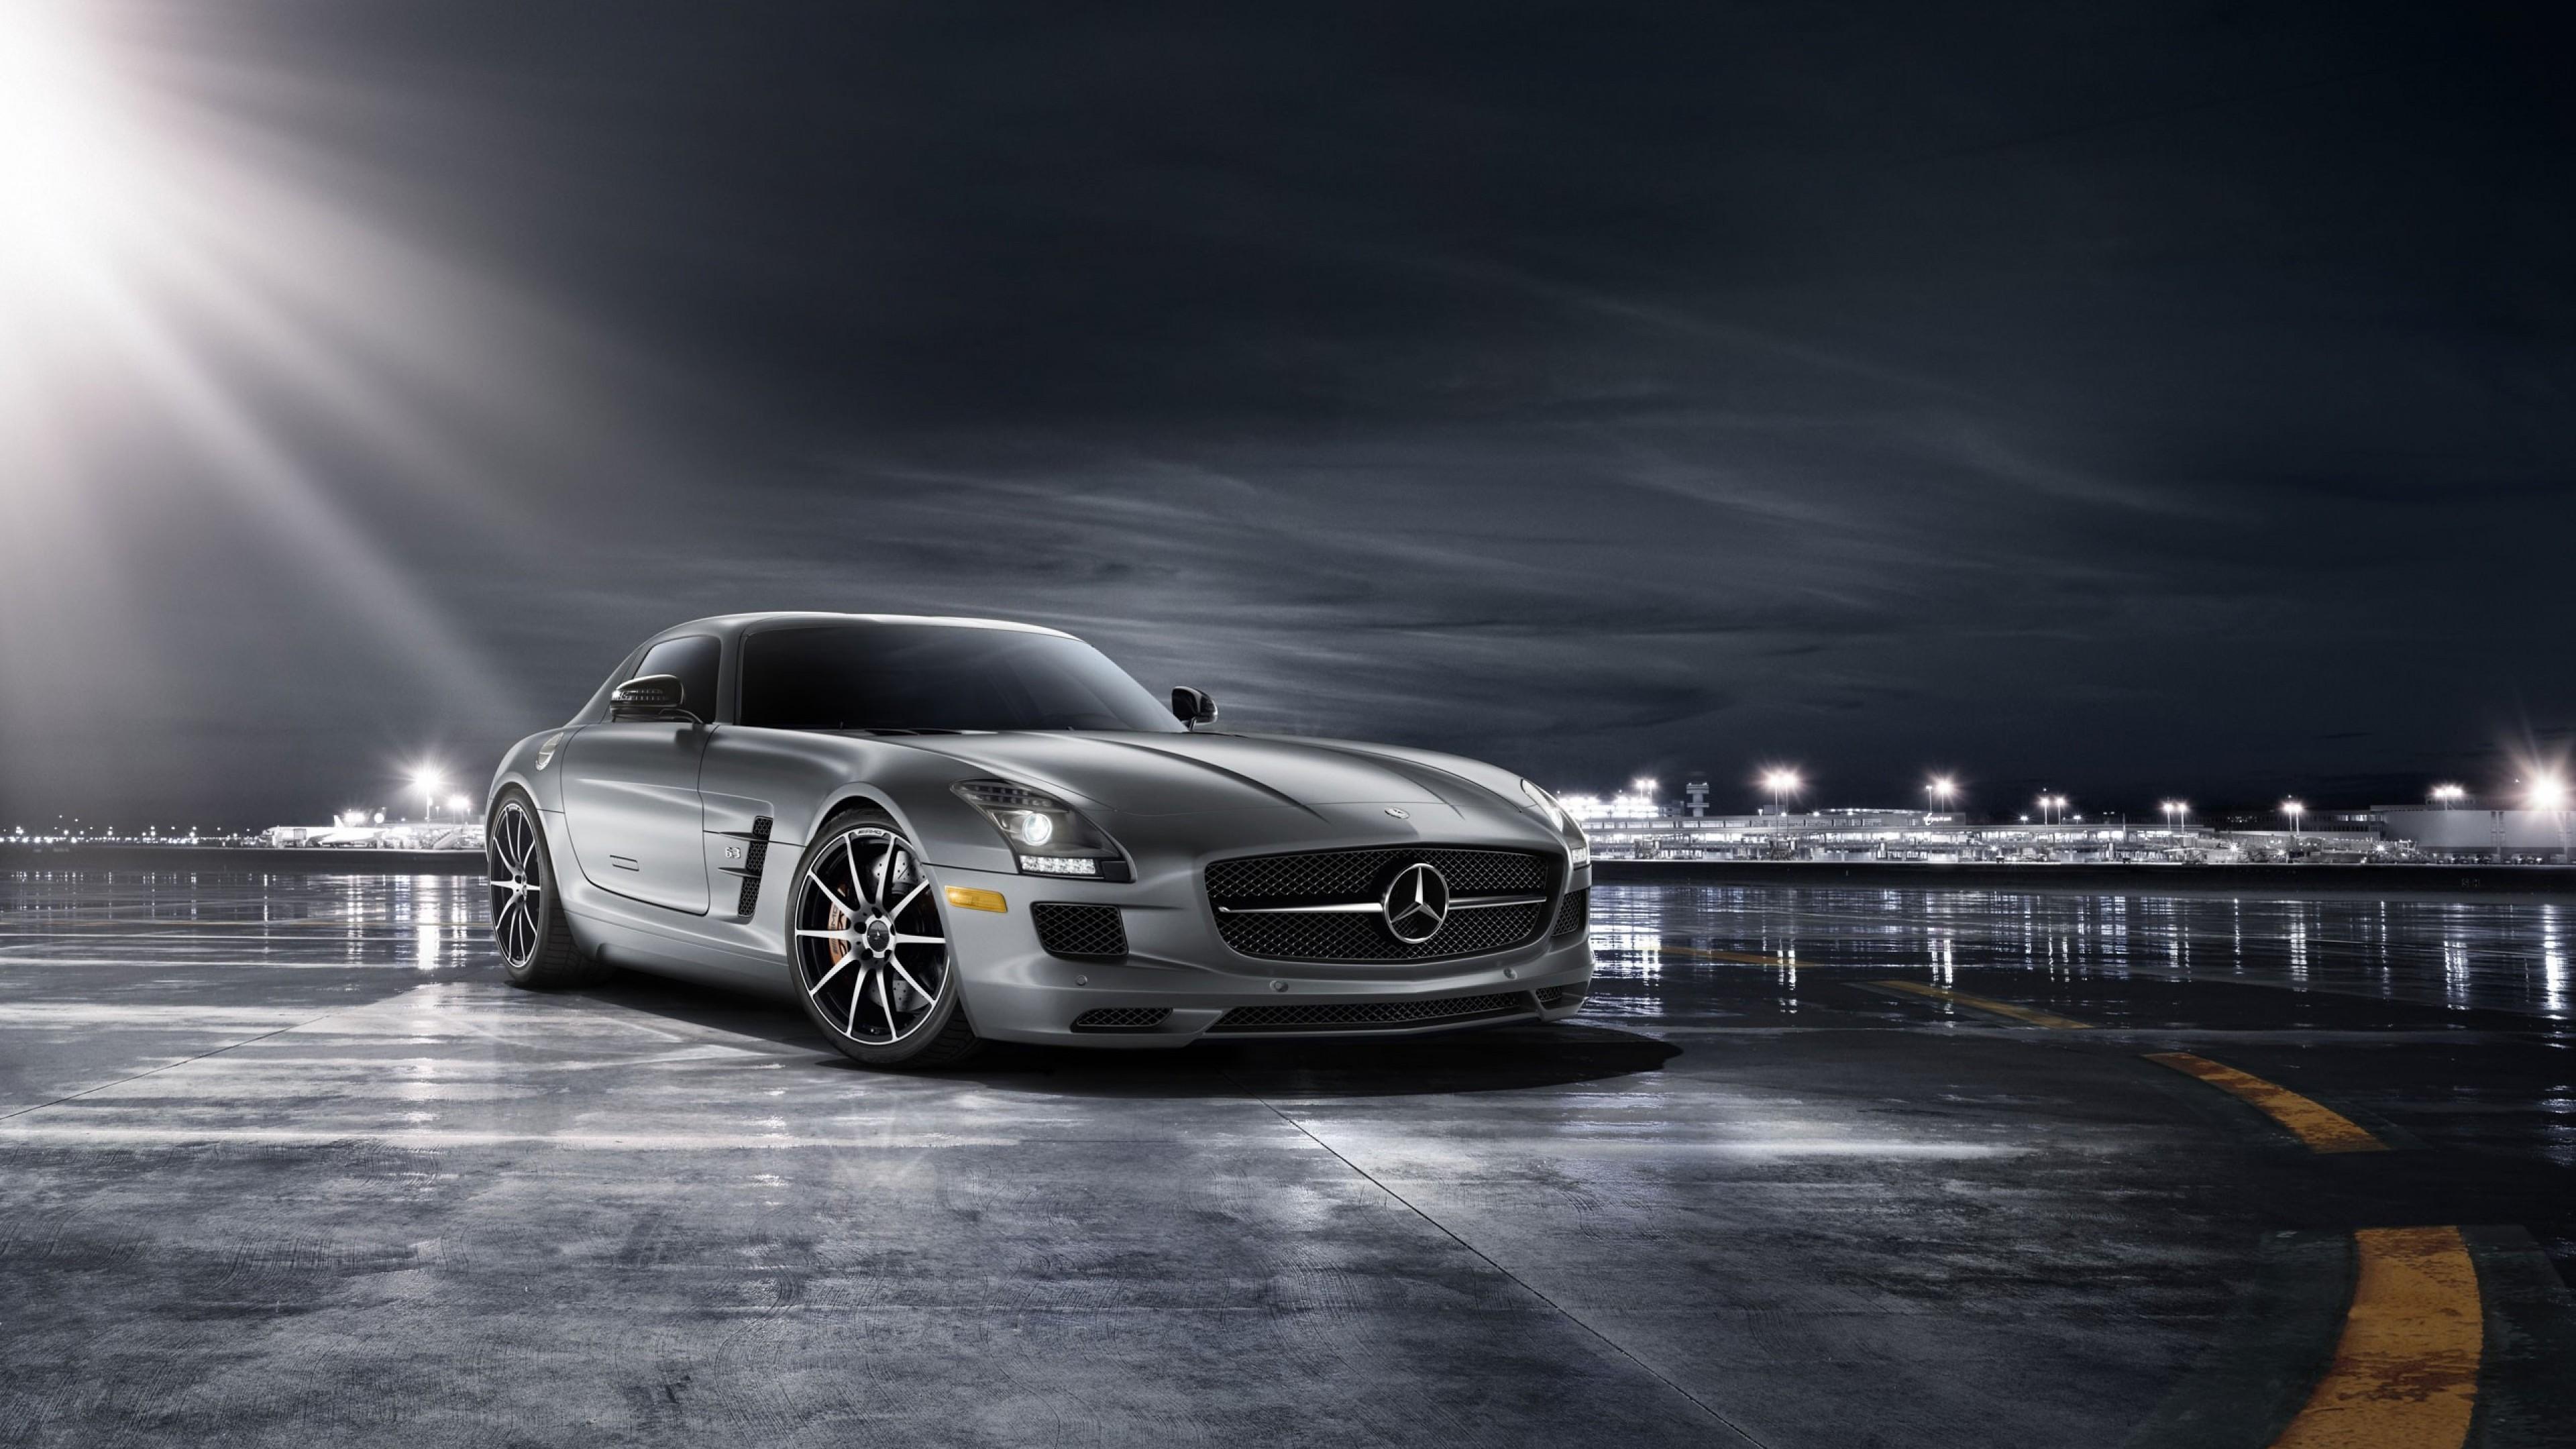 Mercedes-Benz SLS AMG Wallpaper …